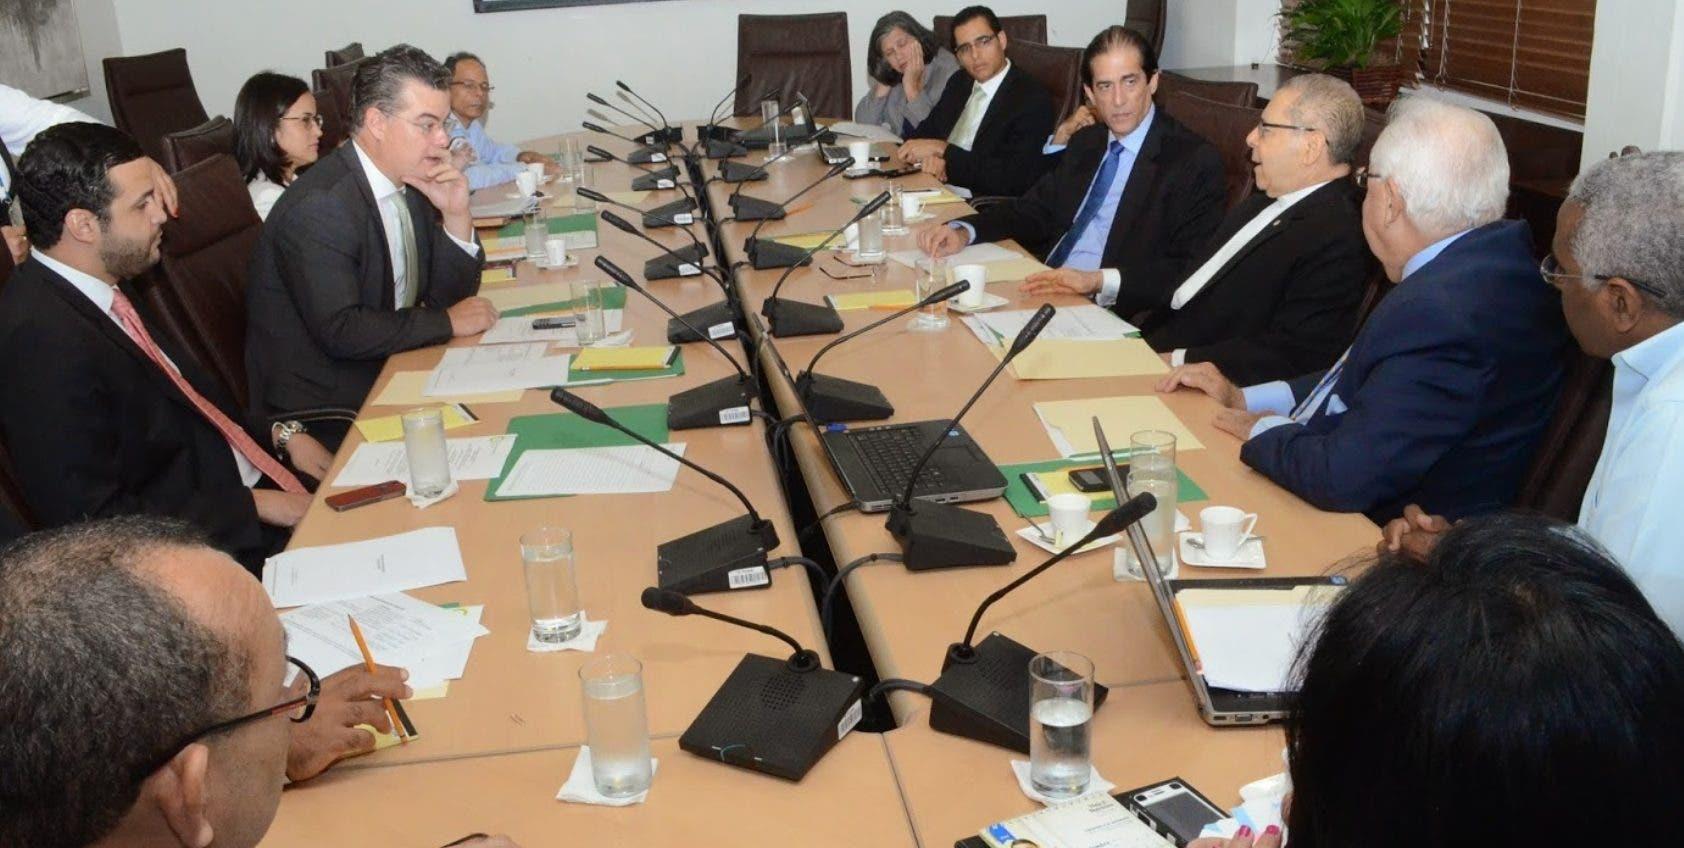 Reunión del comité coordinador del Pacto Eléctrico, durante una de las plenarias organizadas por el Consejo Económico Social.